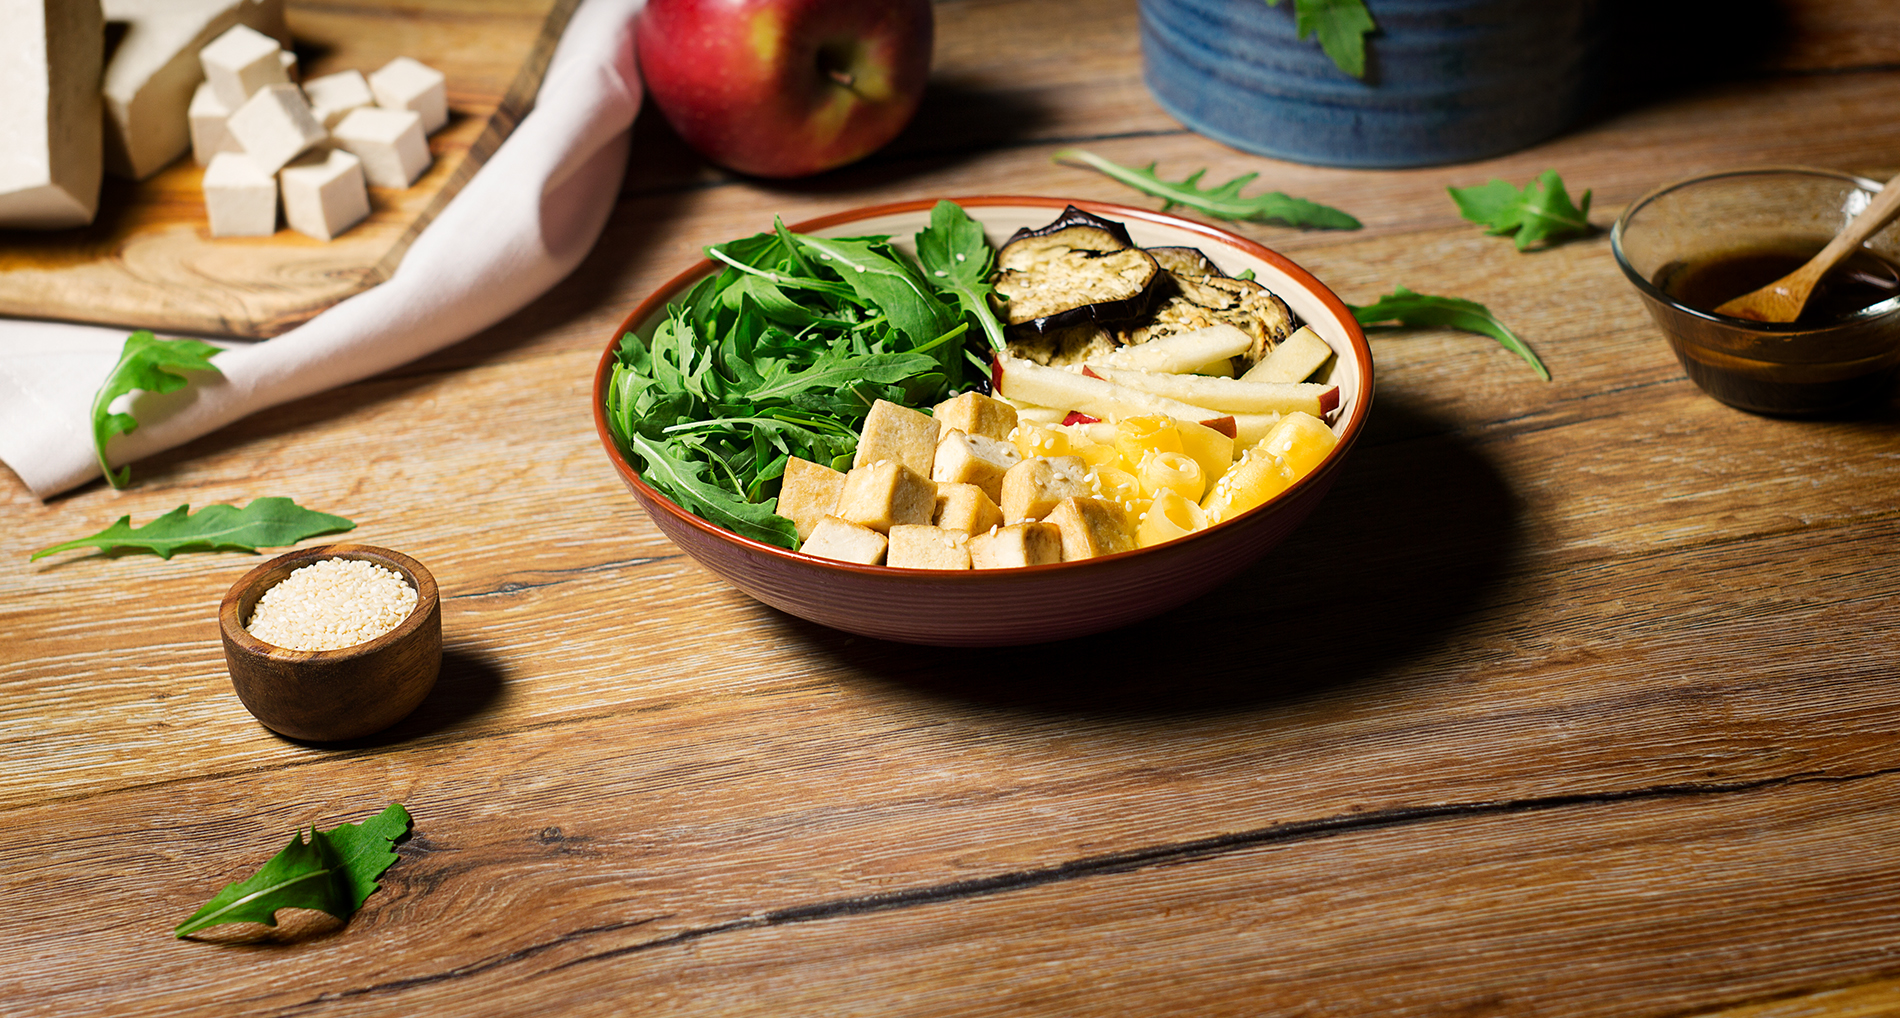 Ensalada-de-tofu-ecologico